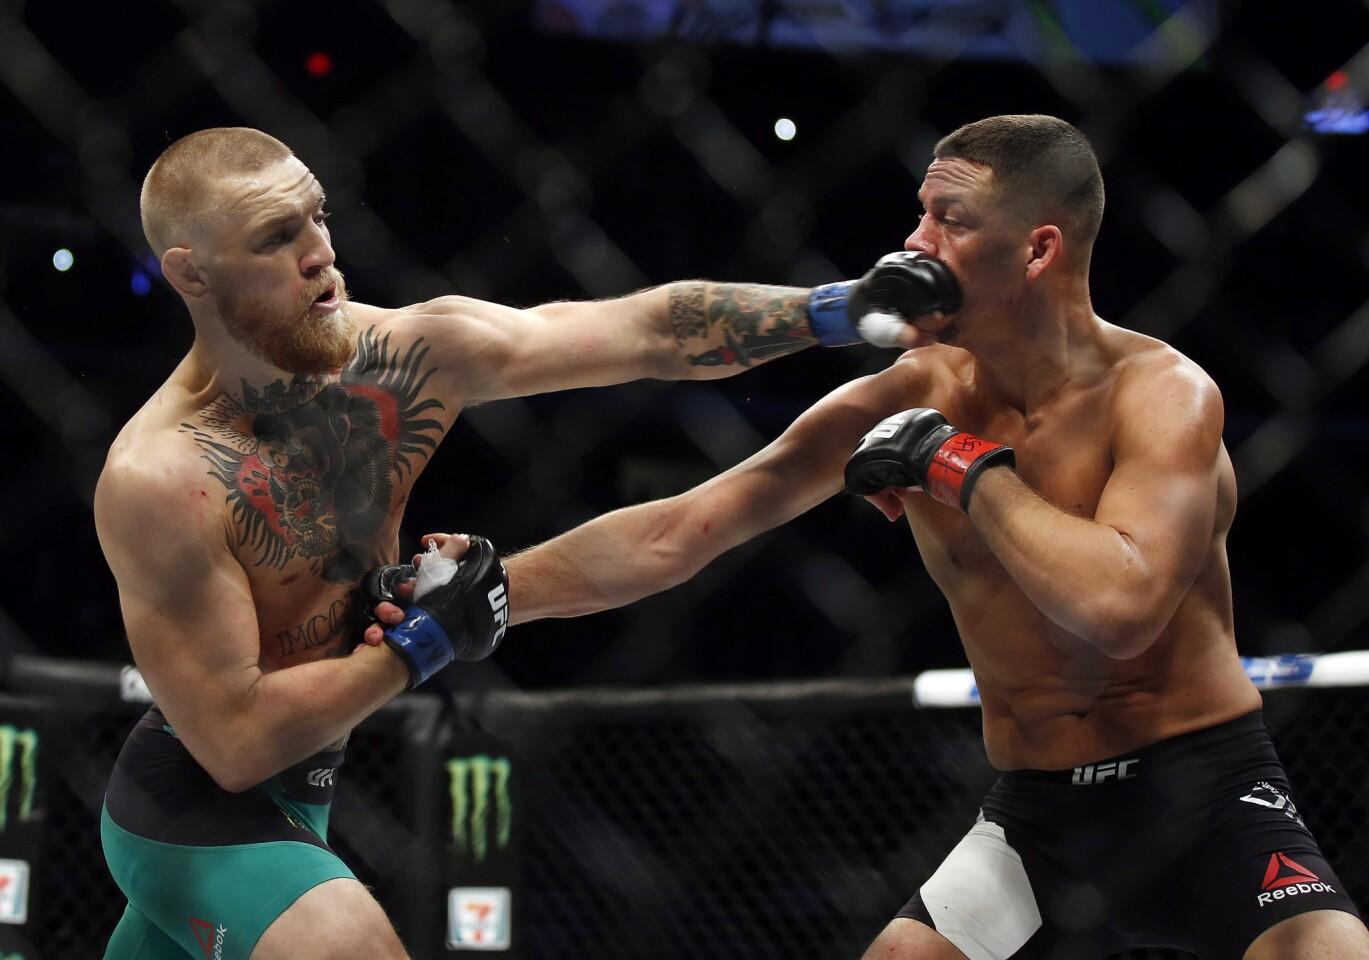 UFC 202: McGregor v Diaz